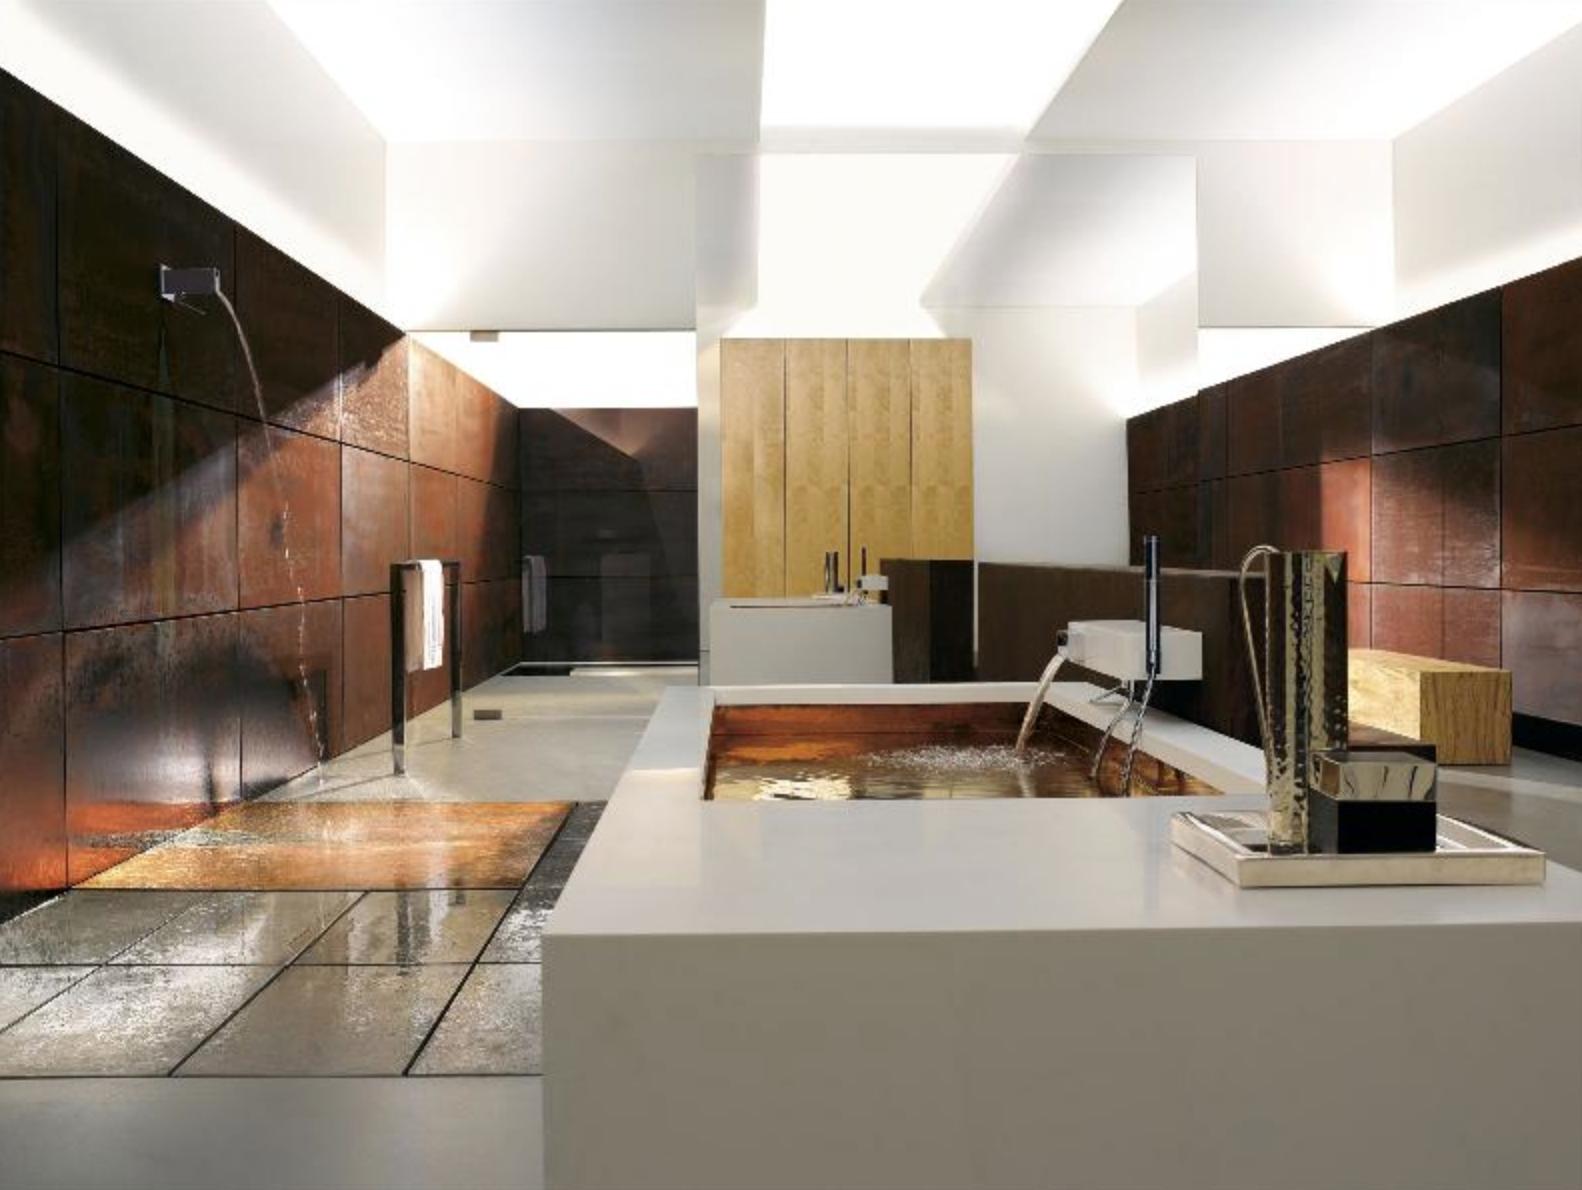 Imagens de #A1492A banheiros modernos 1582x1190 px 3608 Banheiros Super Modernos